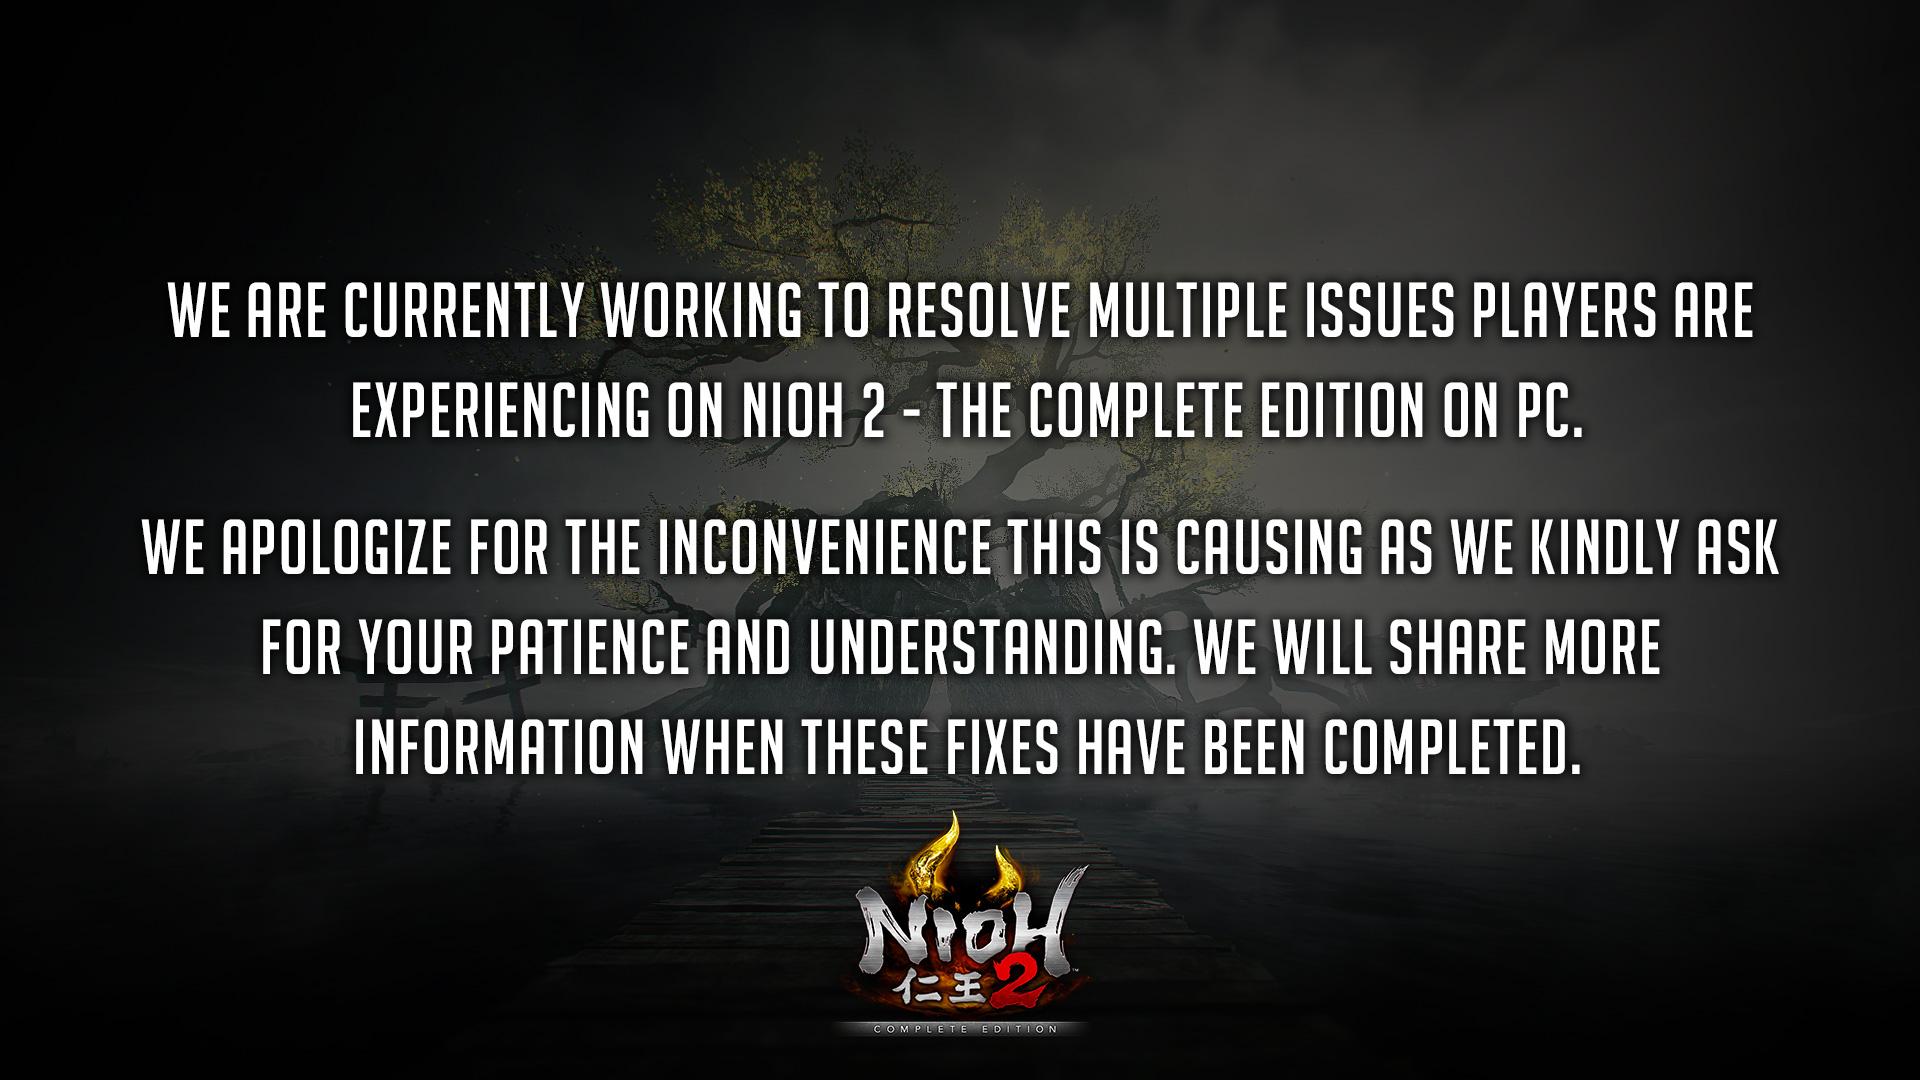 《仁王2》为PC版诸多BUG致歉 正在进行修复工作